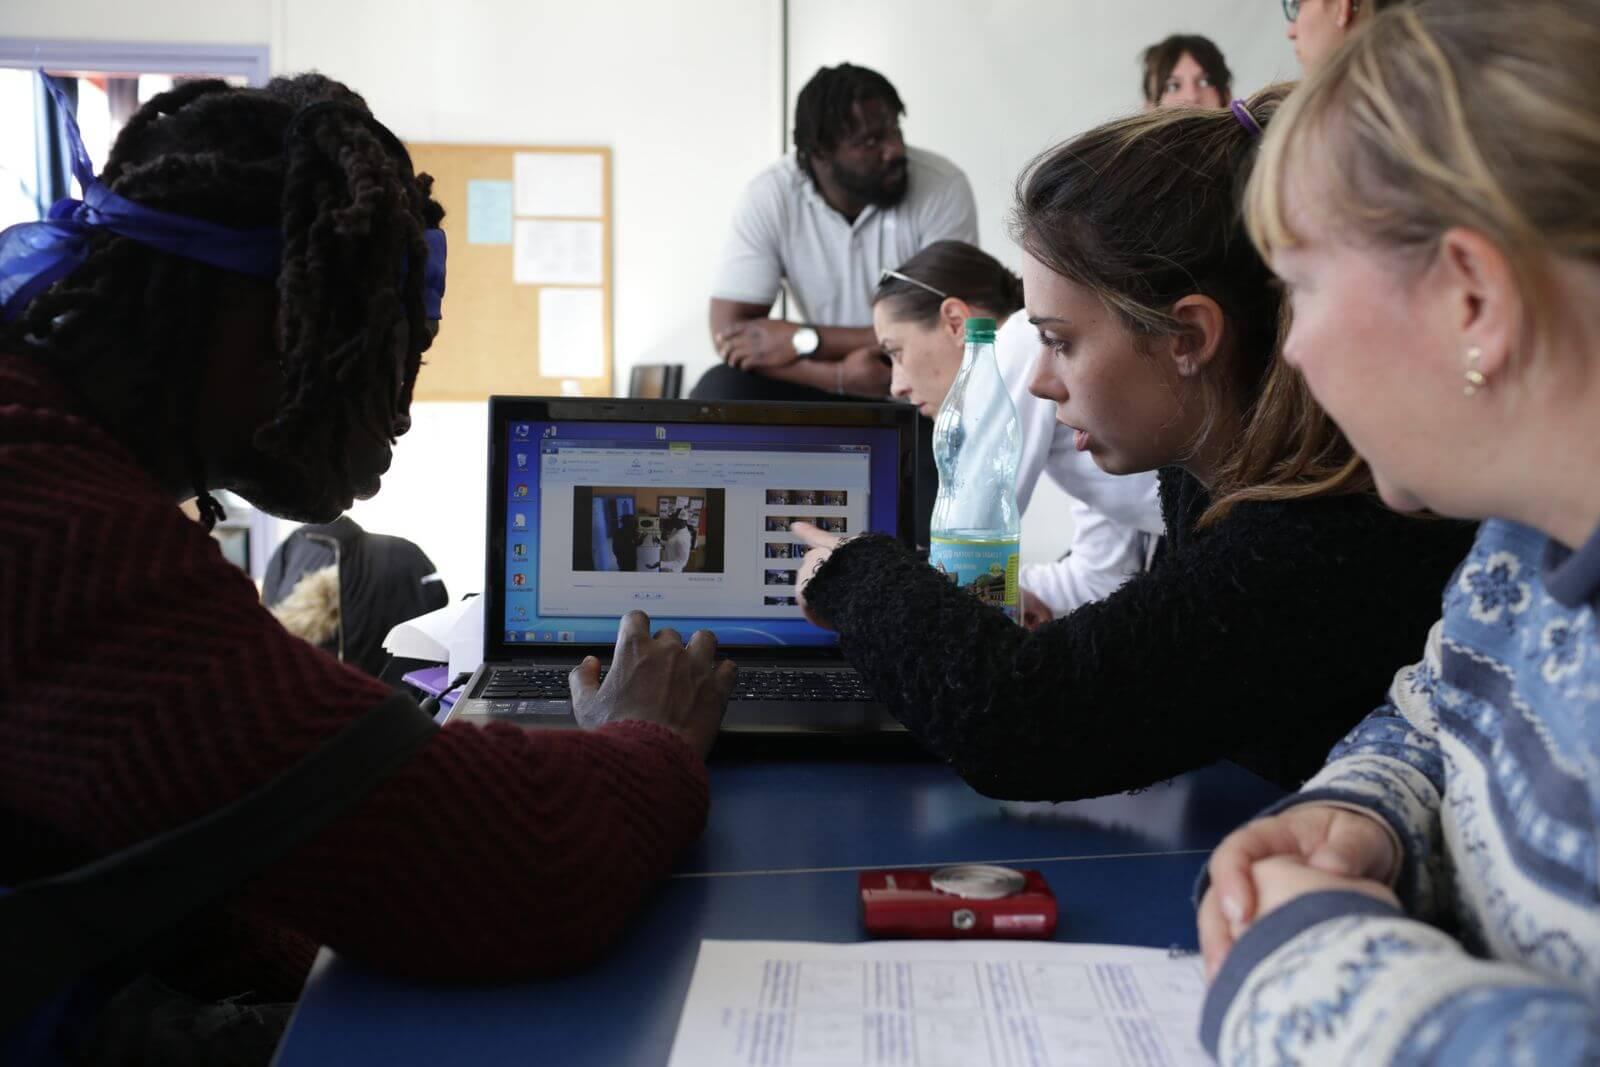 Le Cyber-r@llye scientifique : des jeunes se lancent des défis sur le net !